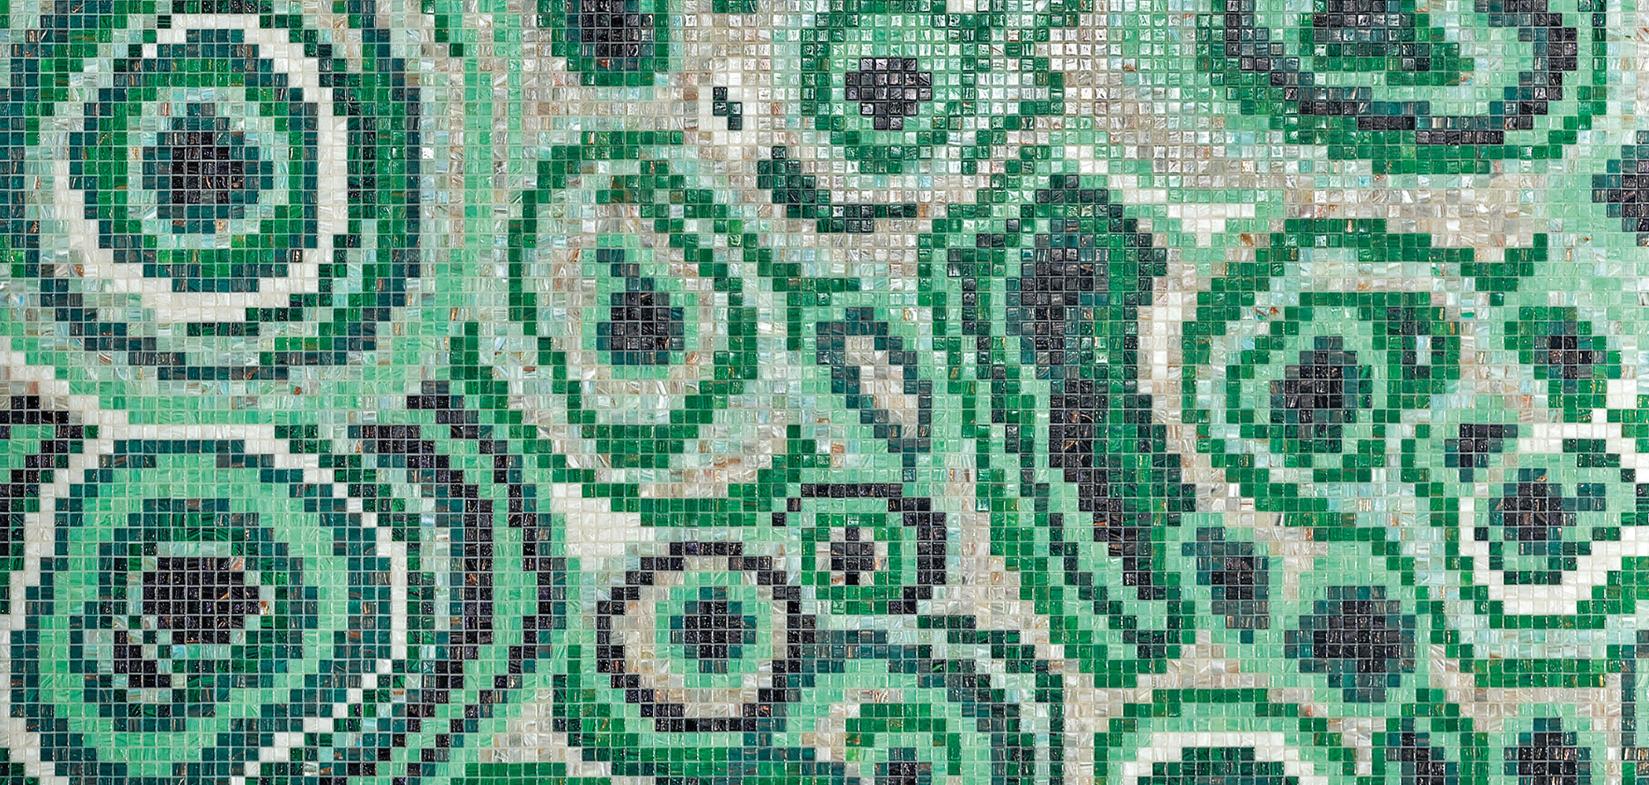 Bisazza Mosaico New Malachite Green Design Greg Natale